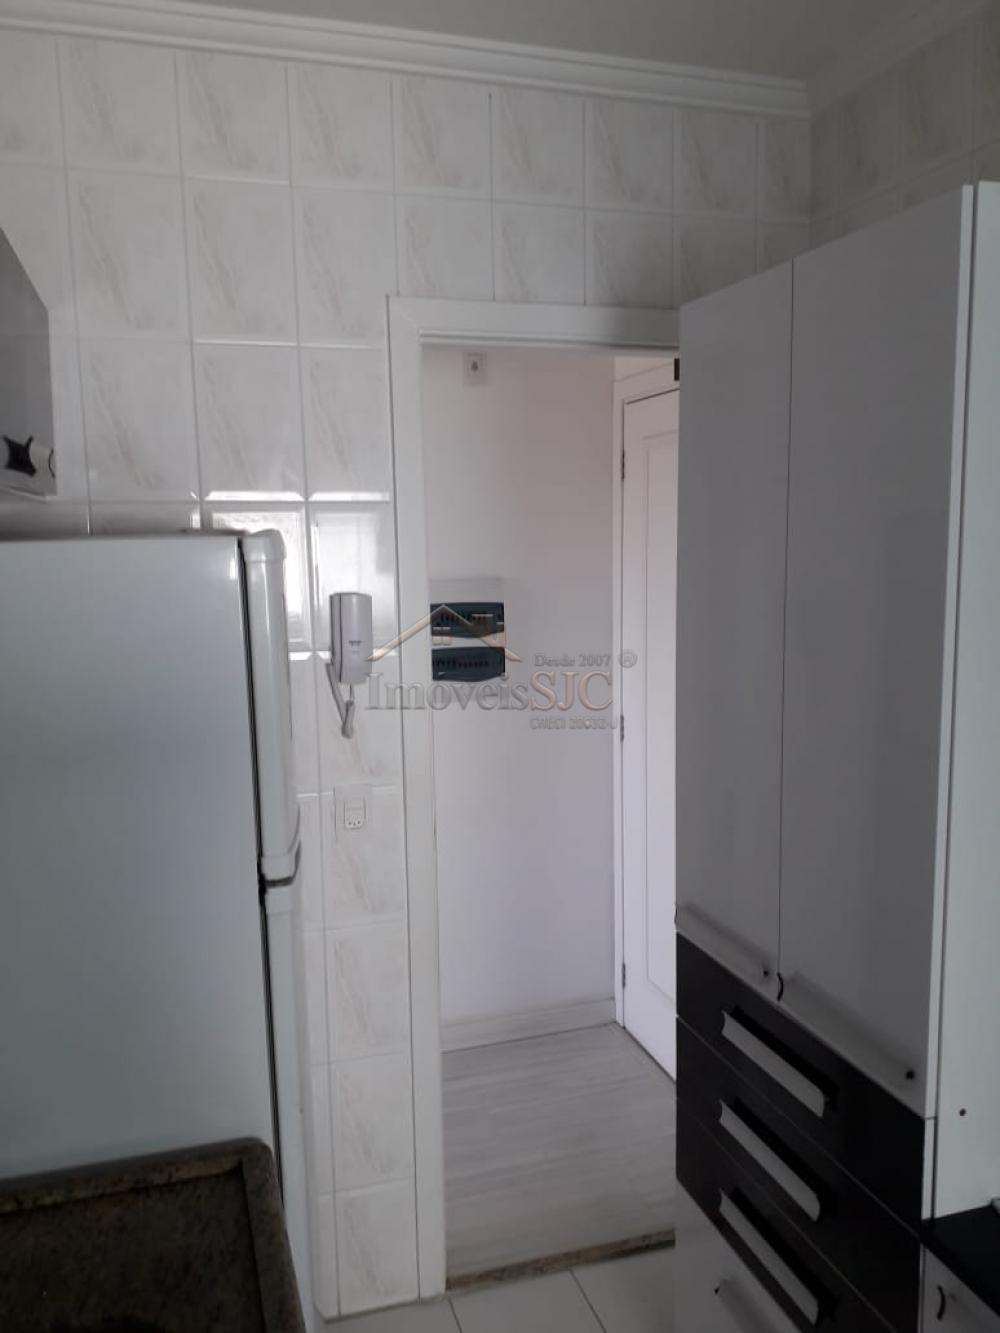 Comprar Apartamentos / Padrão em São José dos Campos apenas R$ 255.000,00 - Foto 13